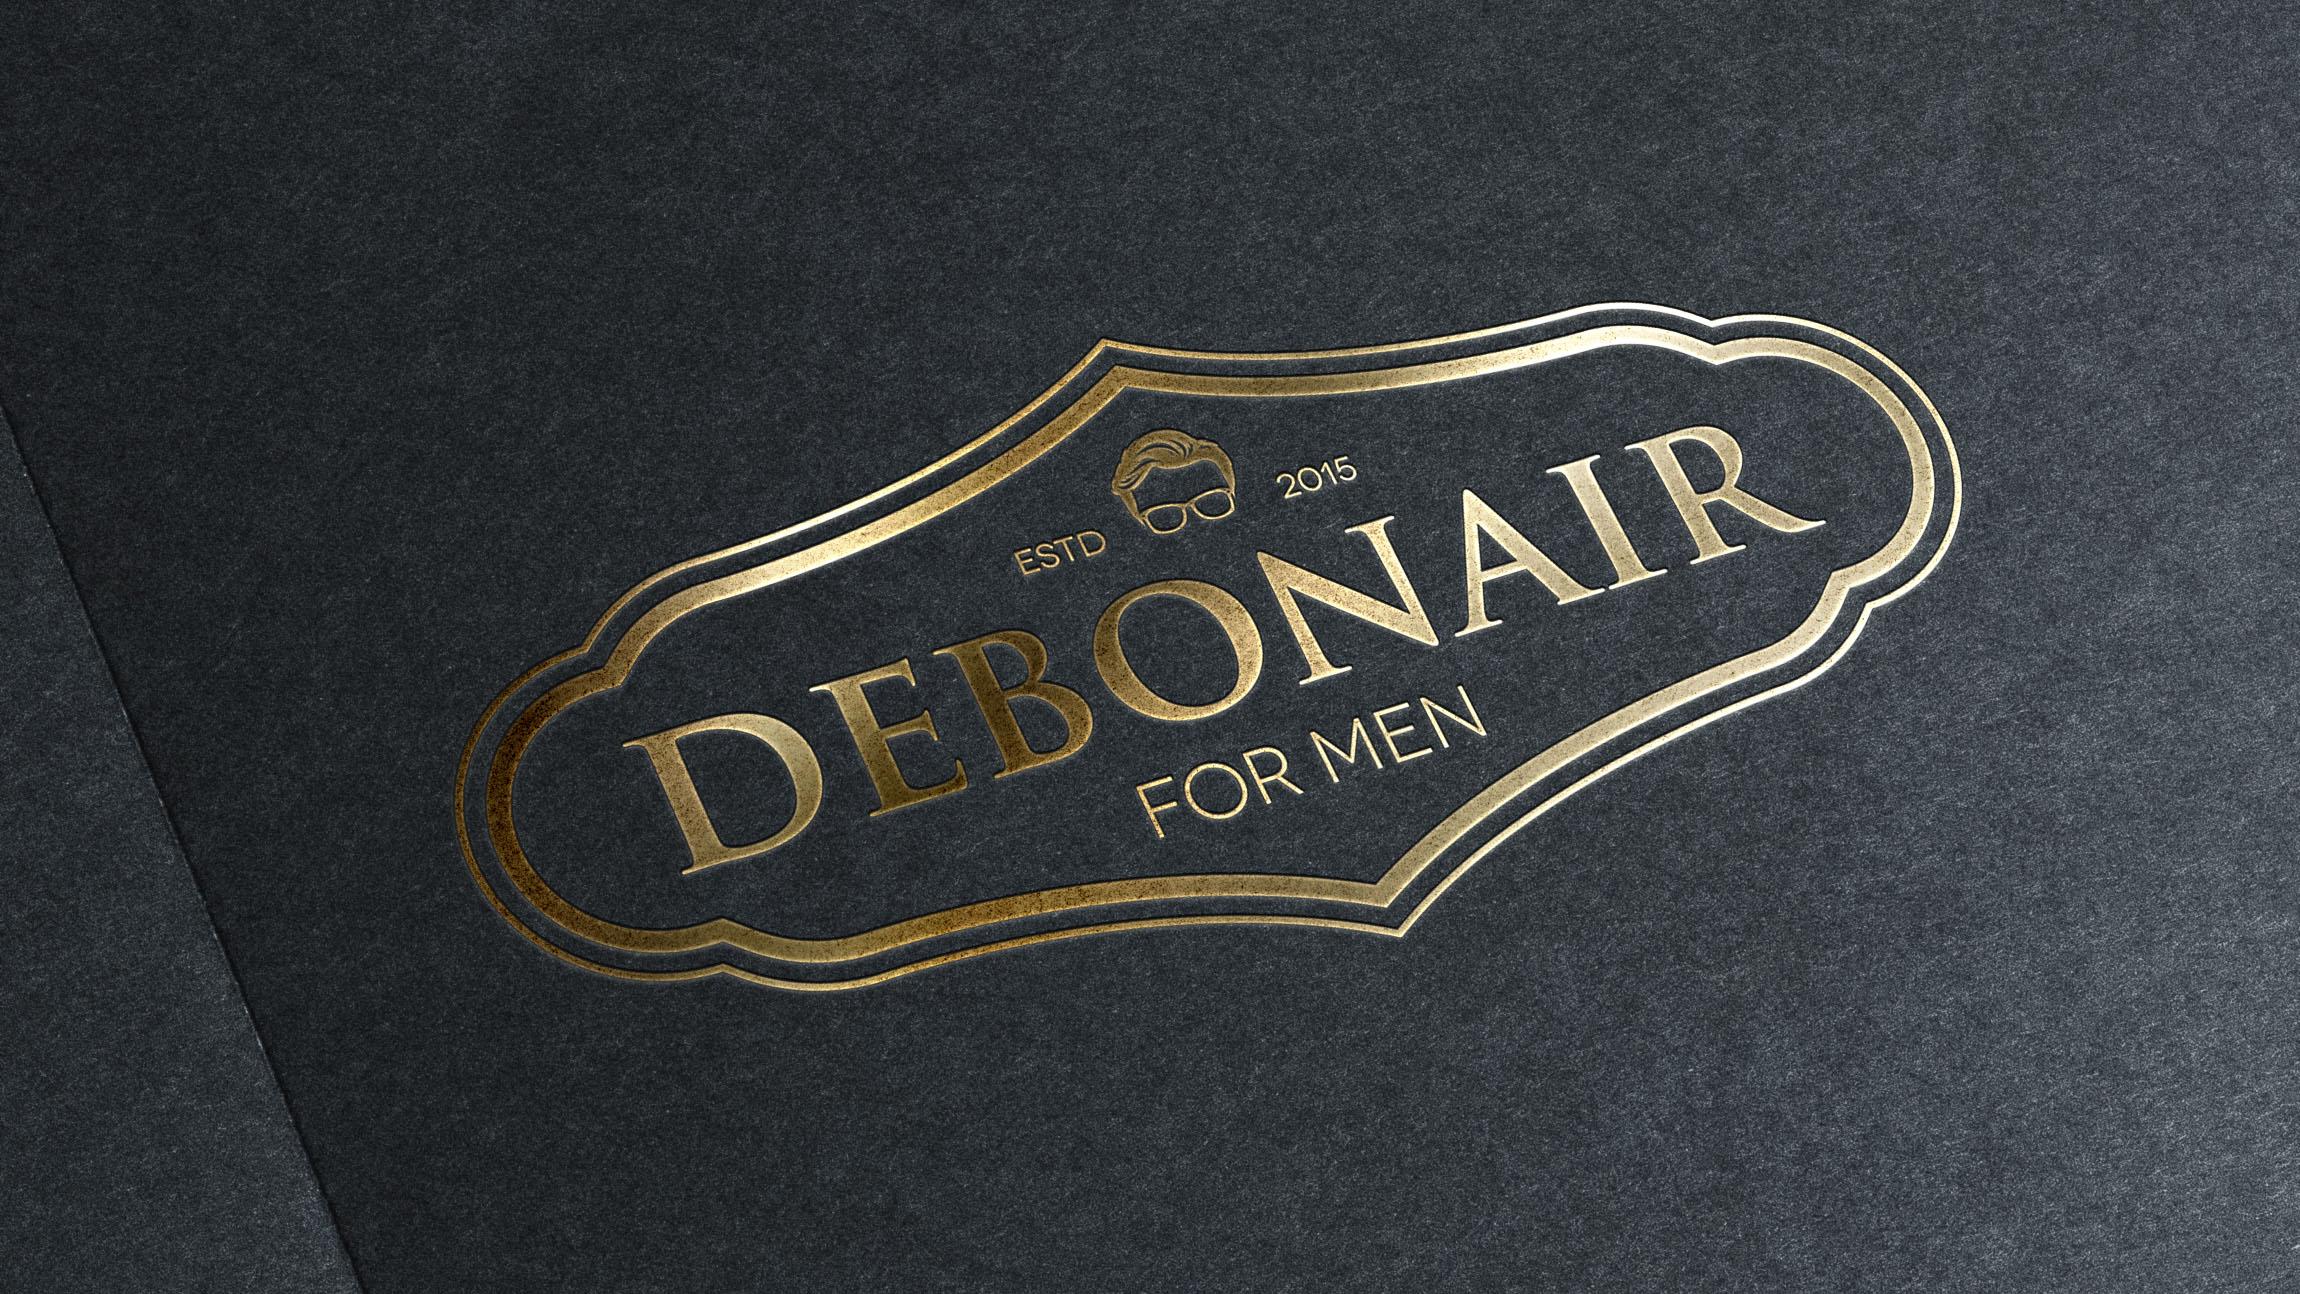 Logo-debonair-chosen